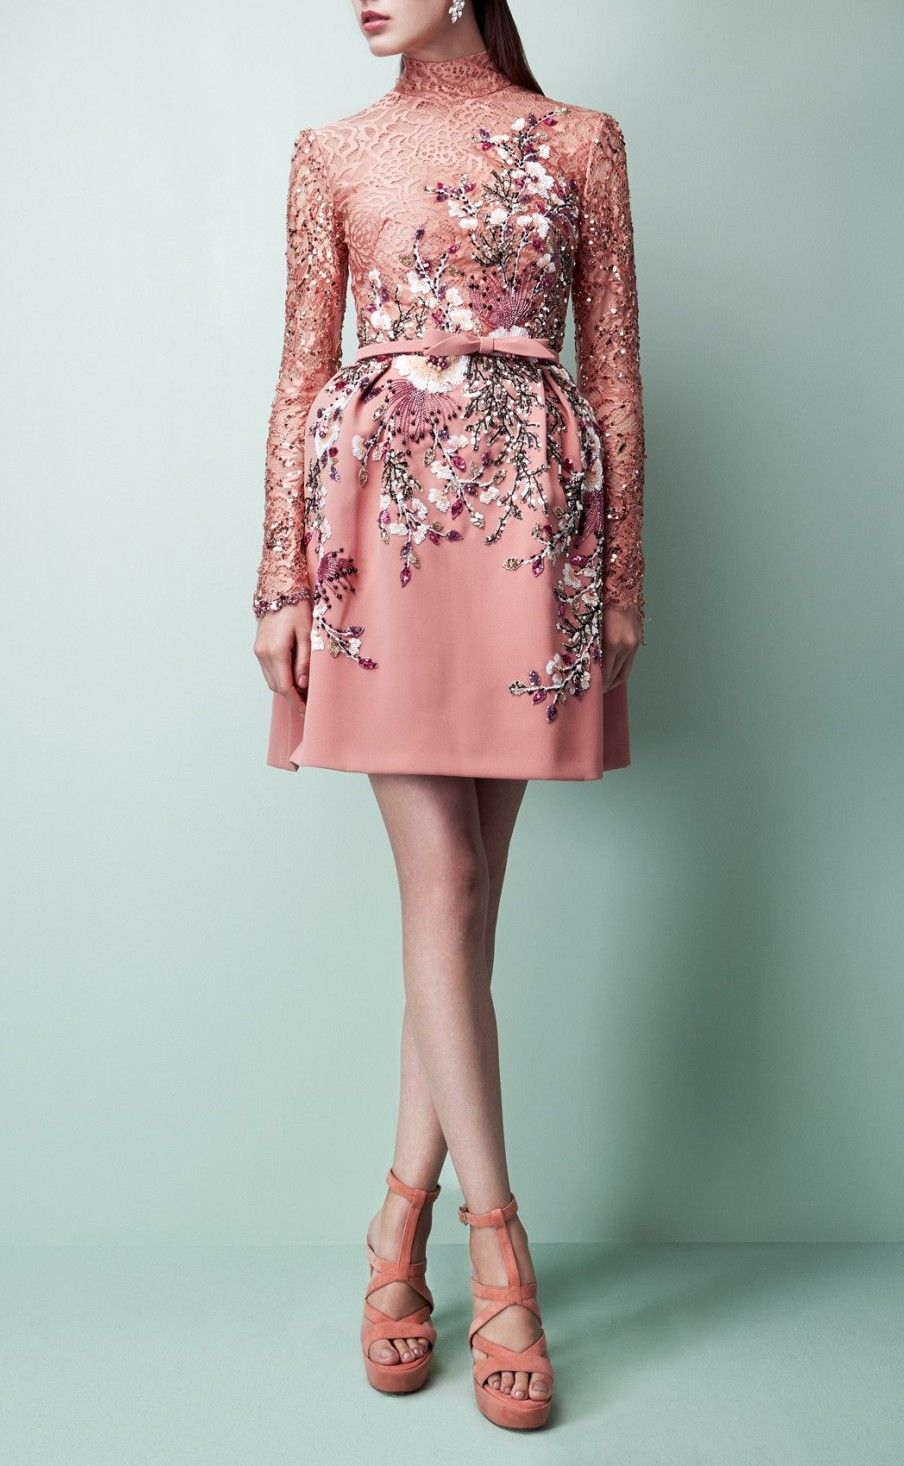 Gown Gorgeous: HOBEIKA | ZsaZsa Bellagio - Like No Other